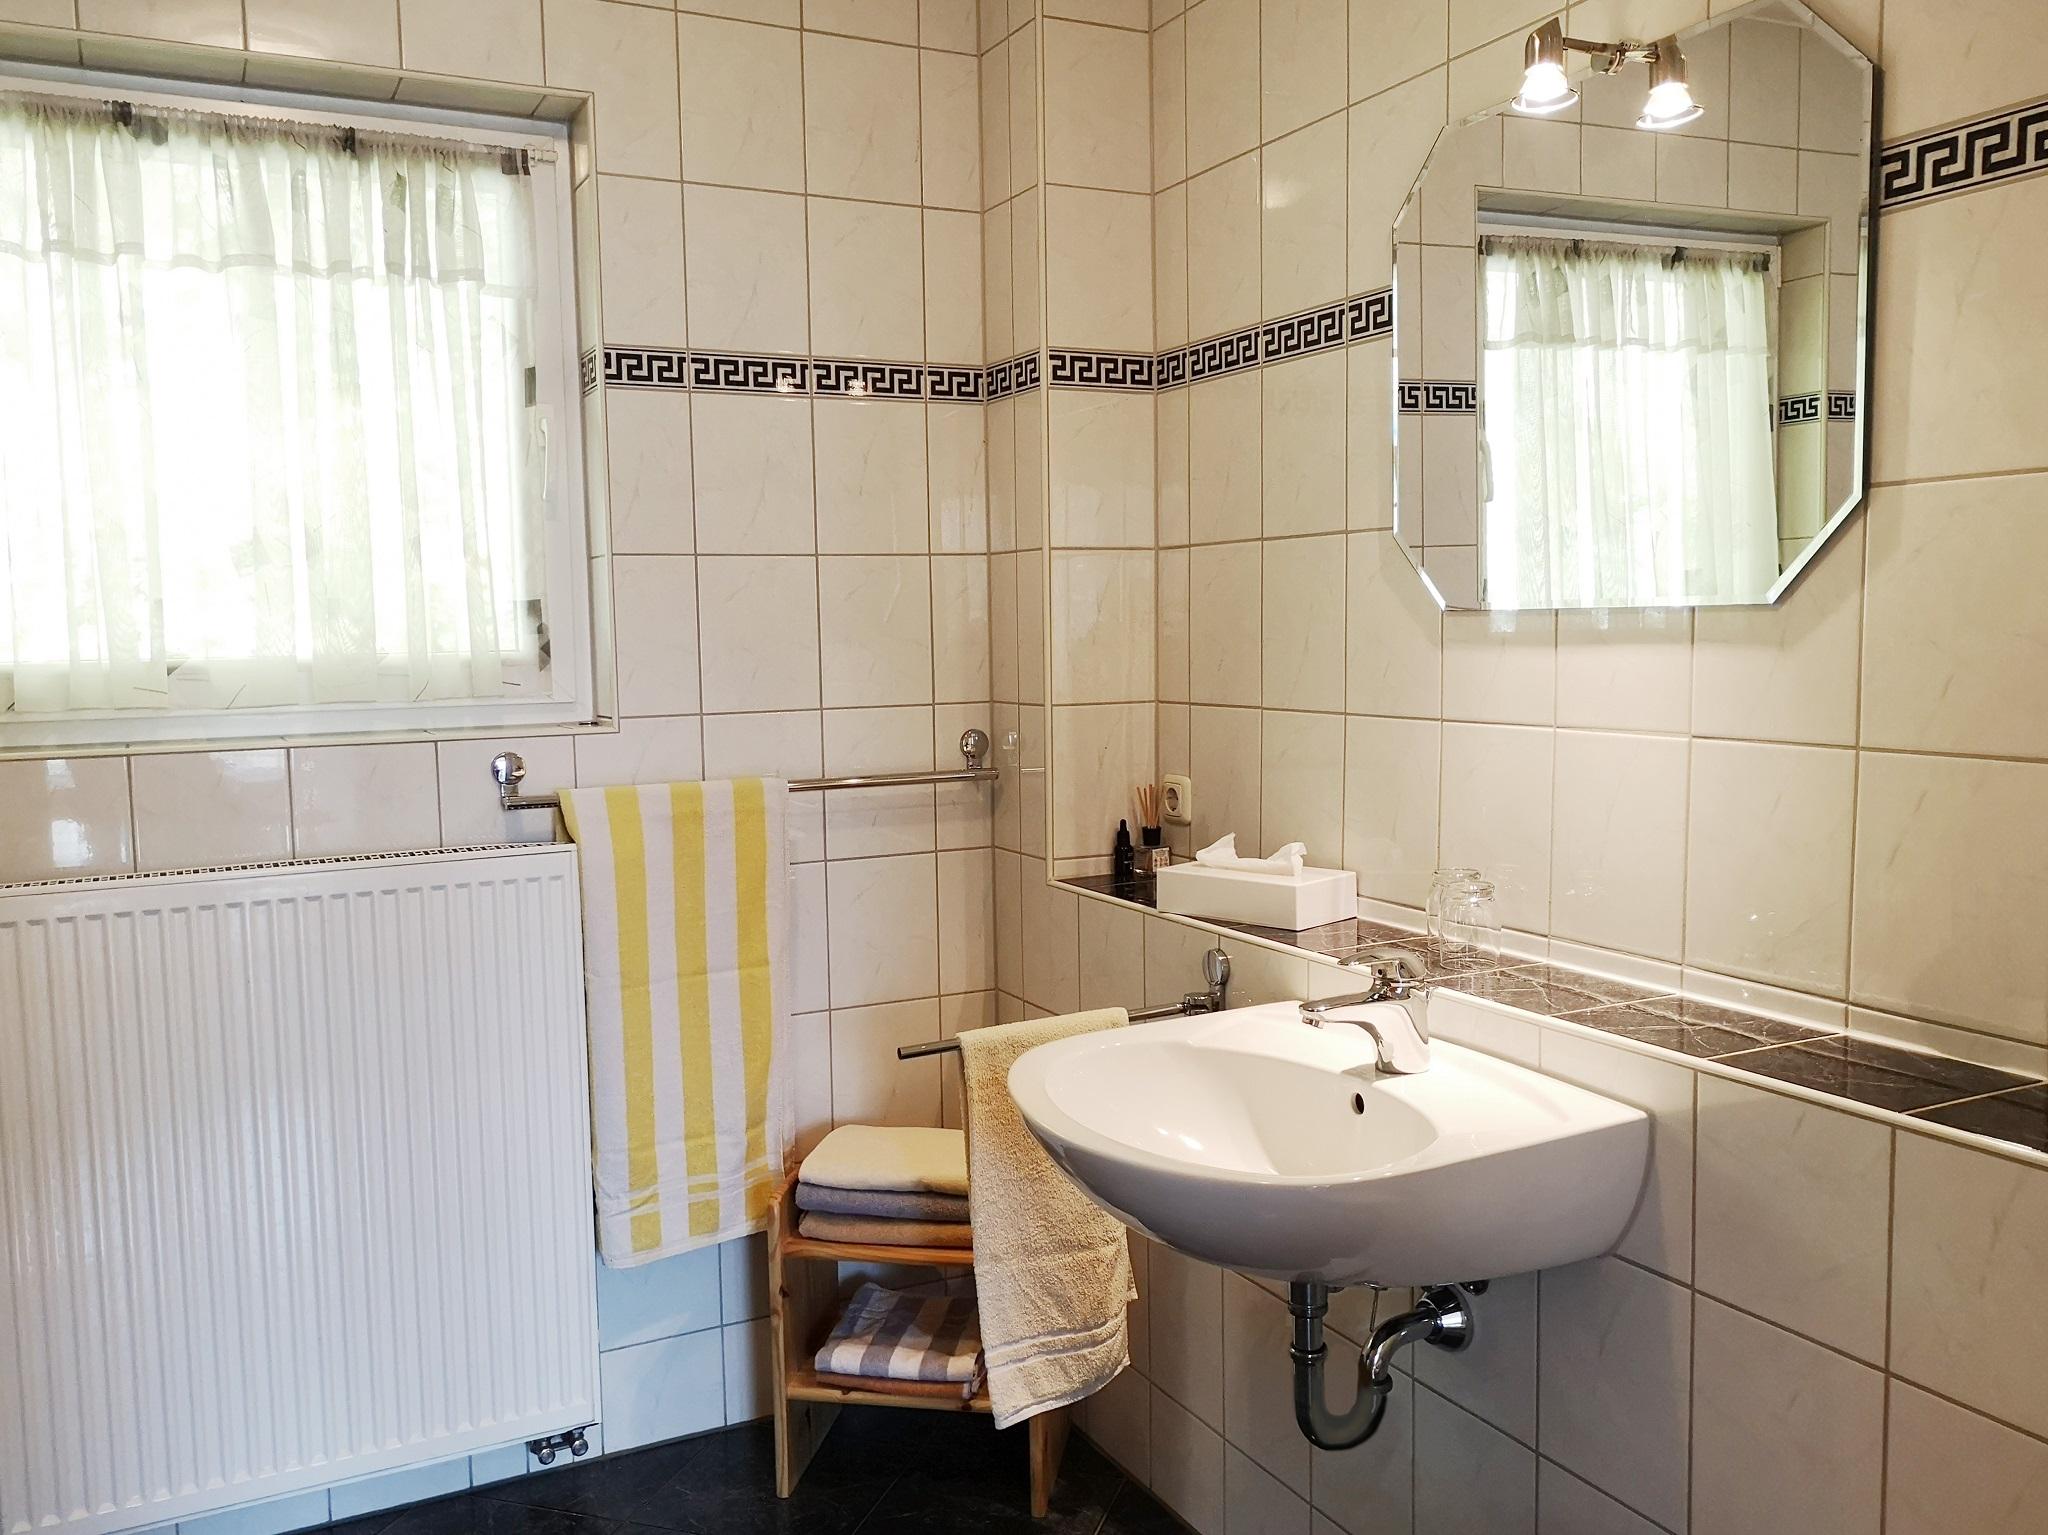 Ferienwohnung Gästehaus Martin (Werbach-Gamburg). Ferienwohnung 90 qm für 5 Personen mit zwei Schlafzimm (2661053), Werbach, Taubertal, Baden-Württemberg, Deutschland, Bild 8